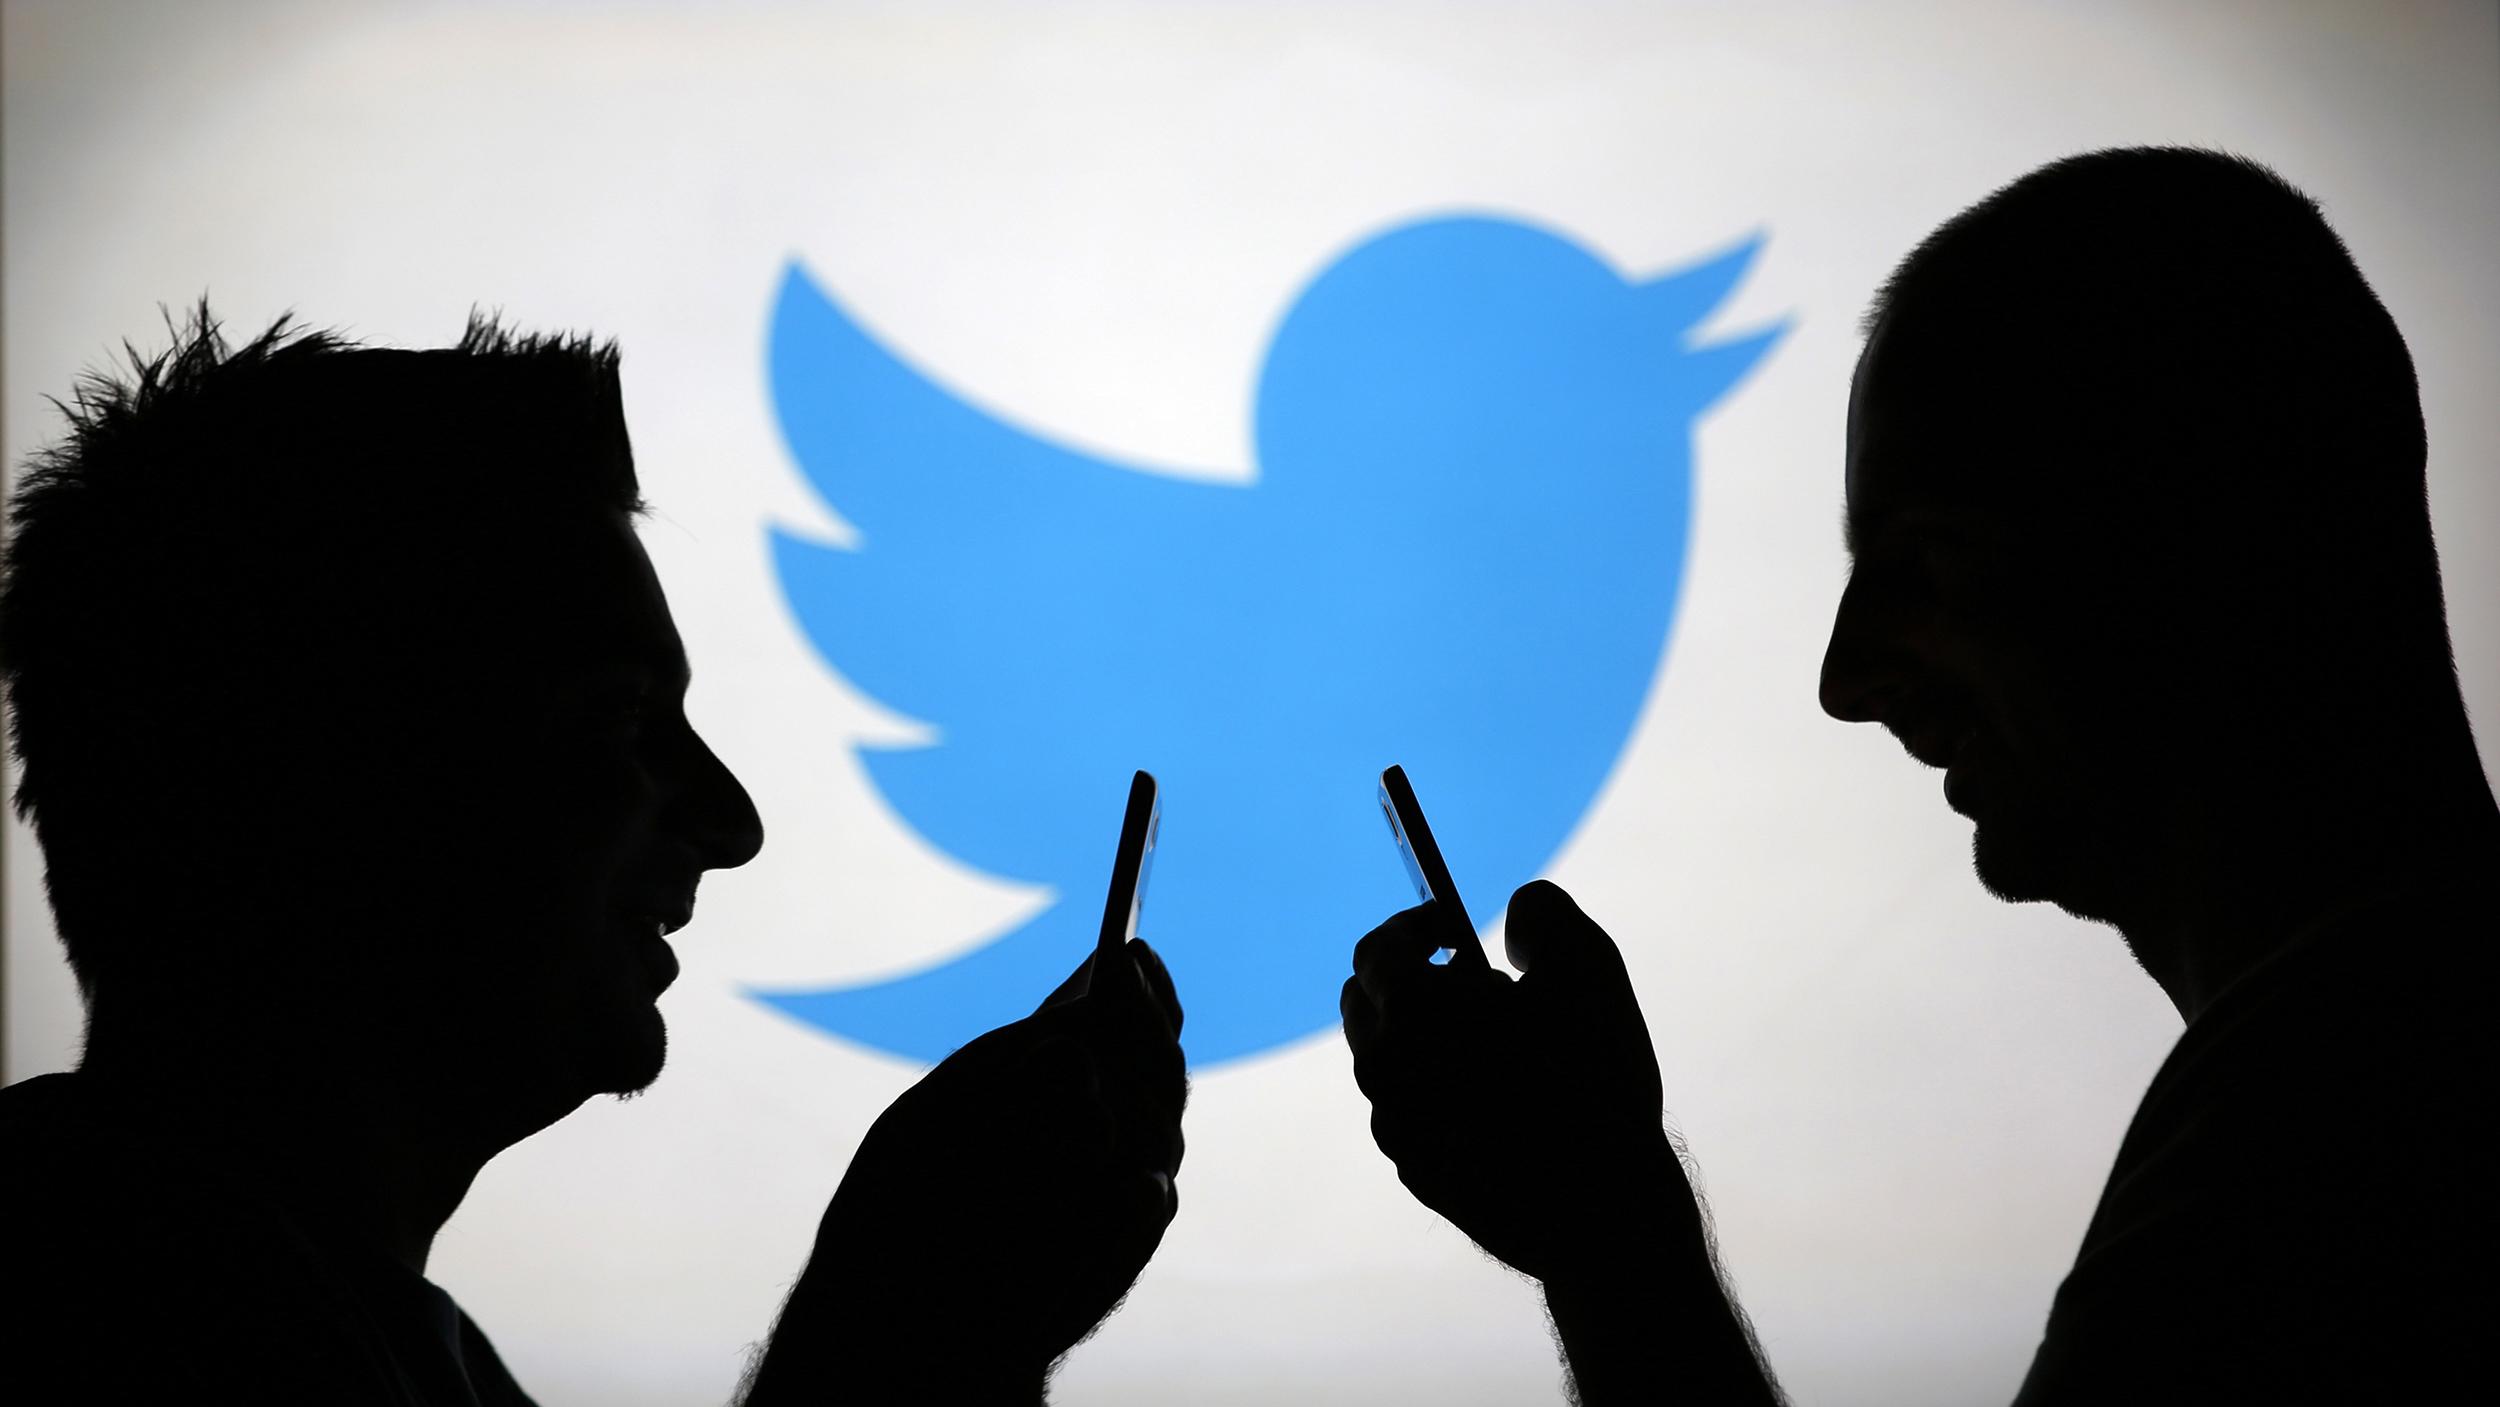 Leaving Twitter